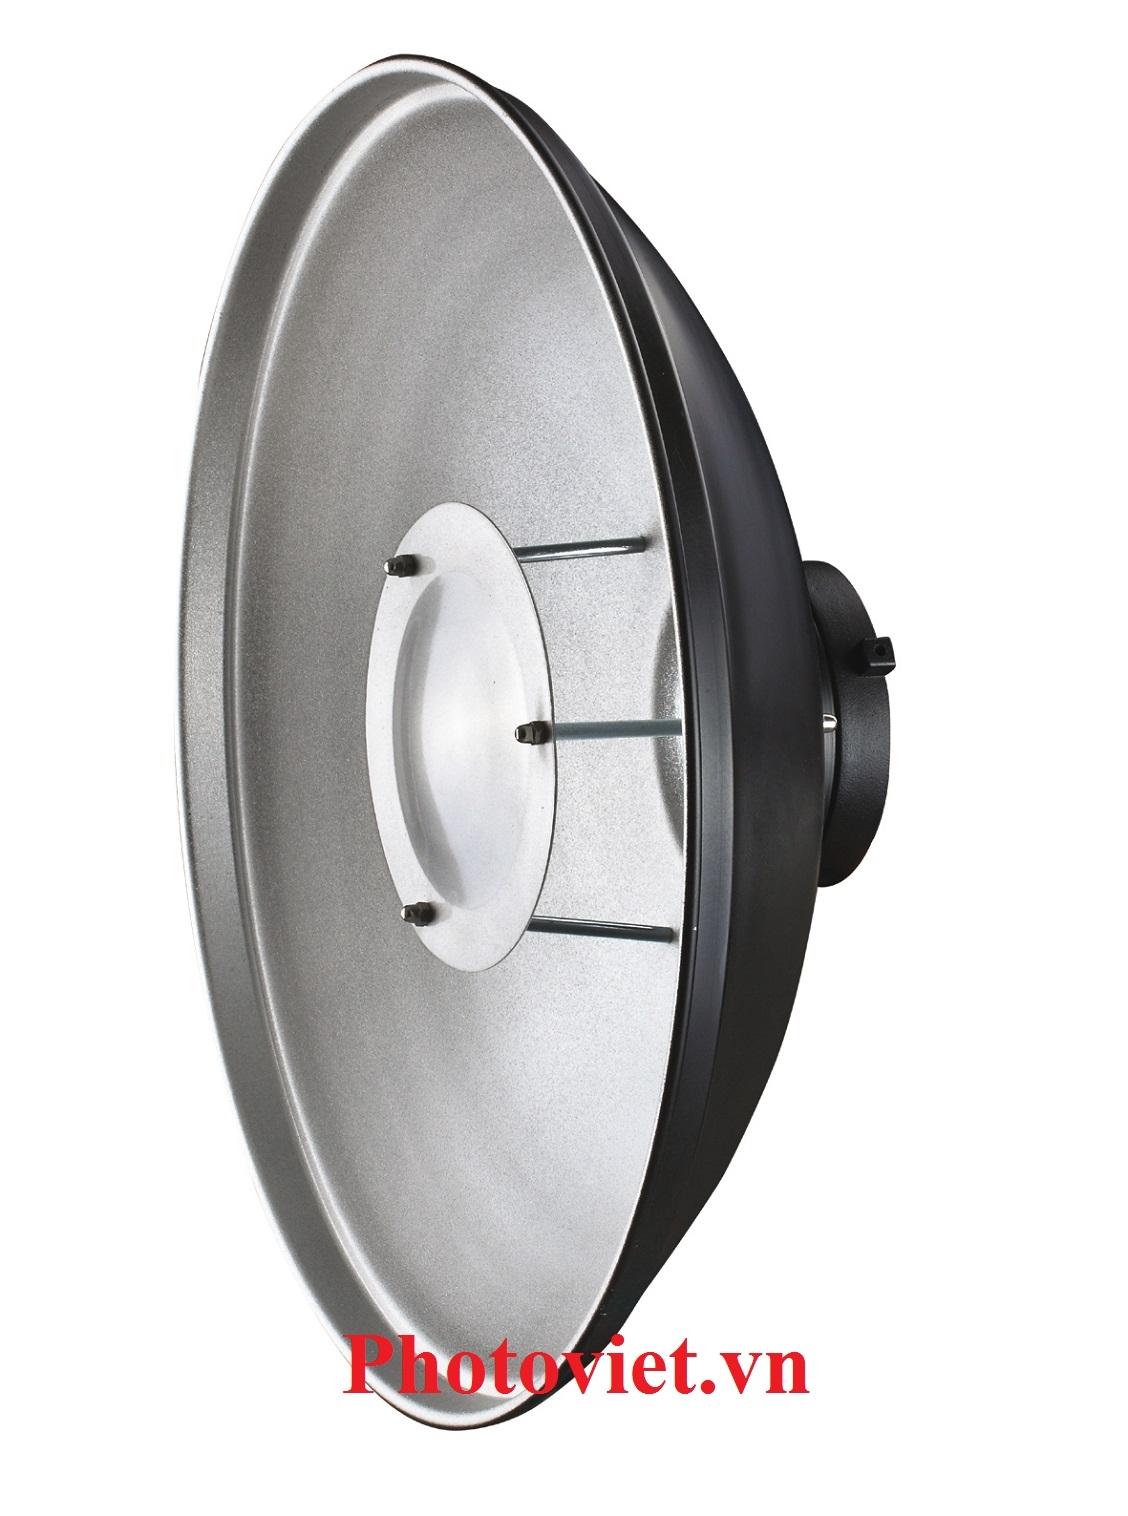 Beauty Dish Chóa Đèn Flash 58 Cm Photoviet